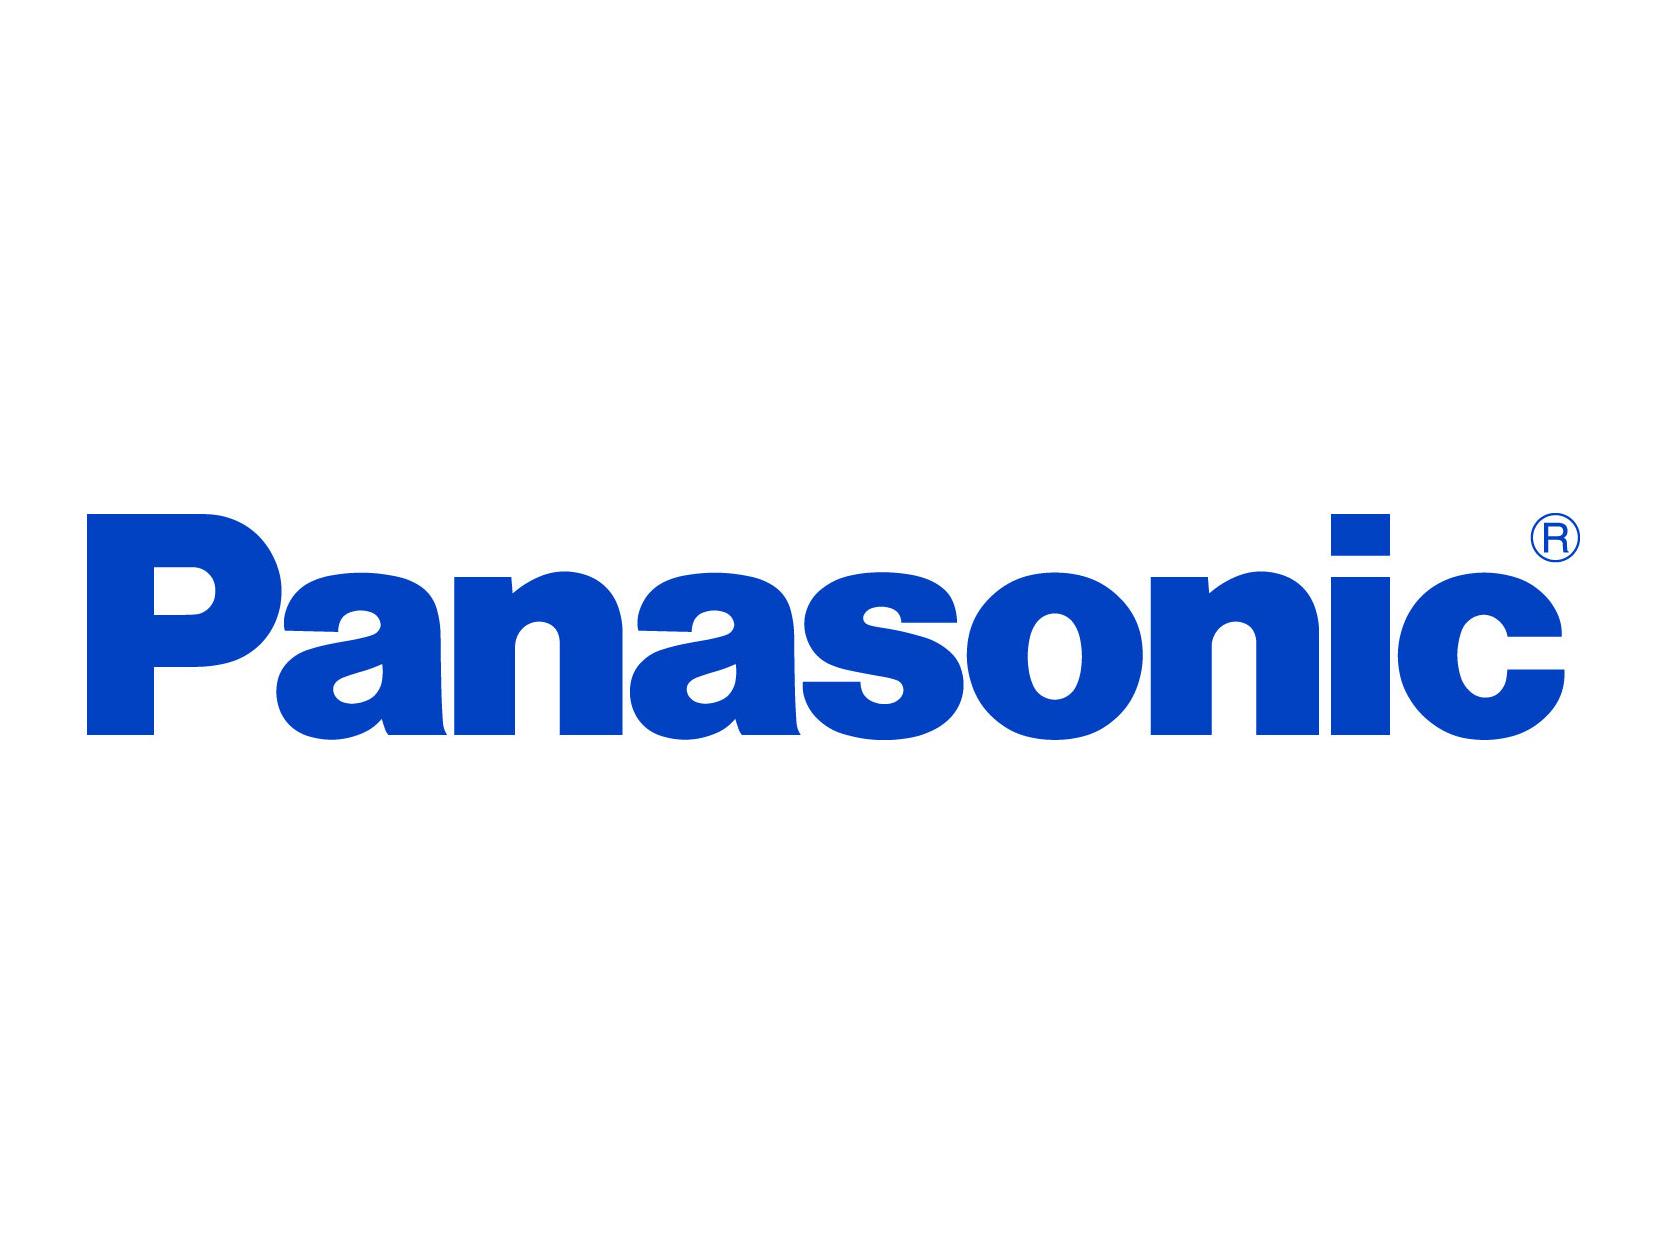 Panasonic 2018.jpg